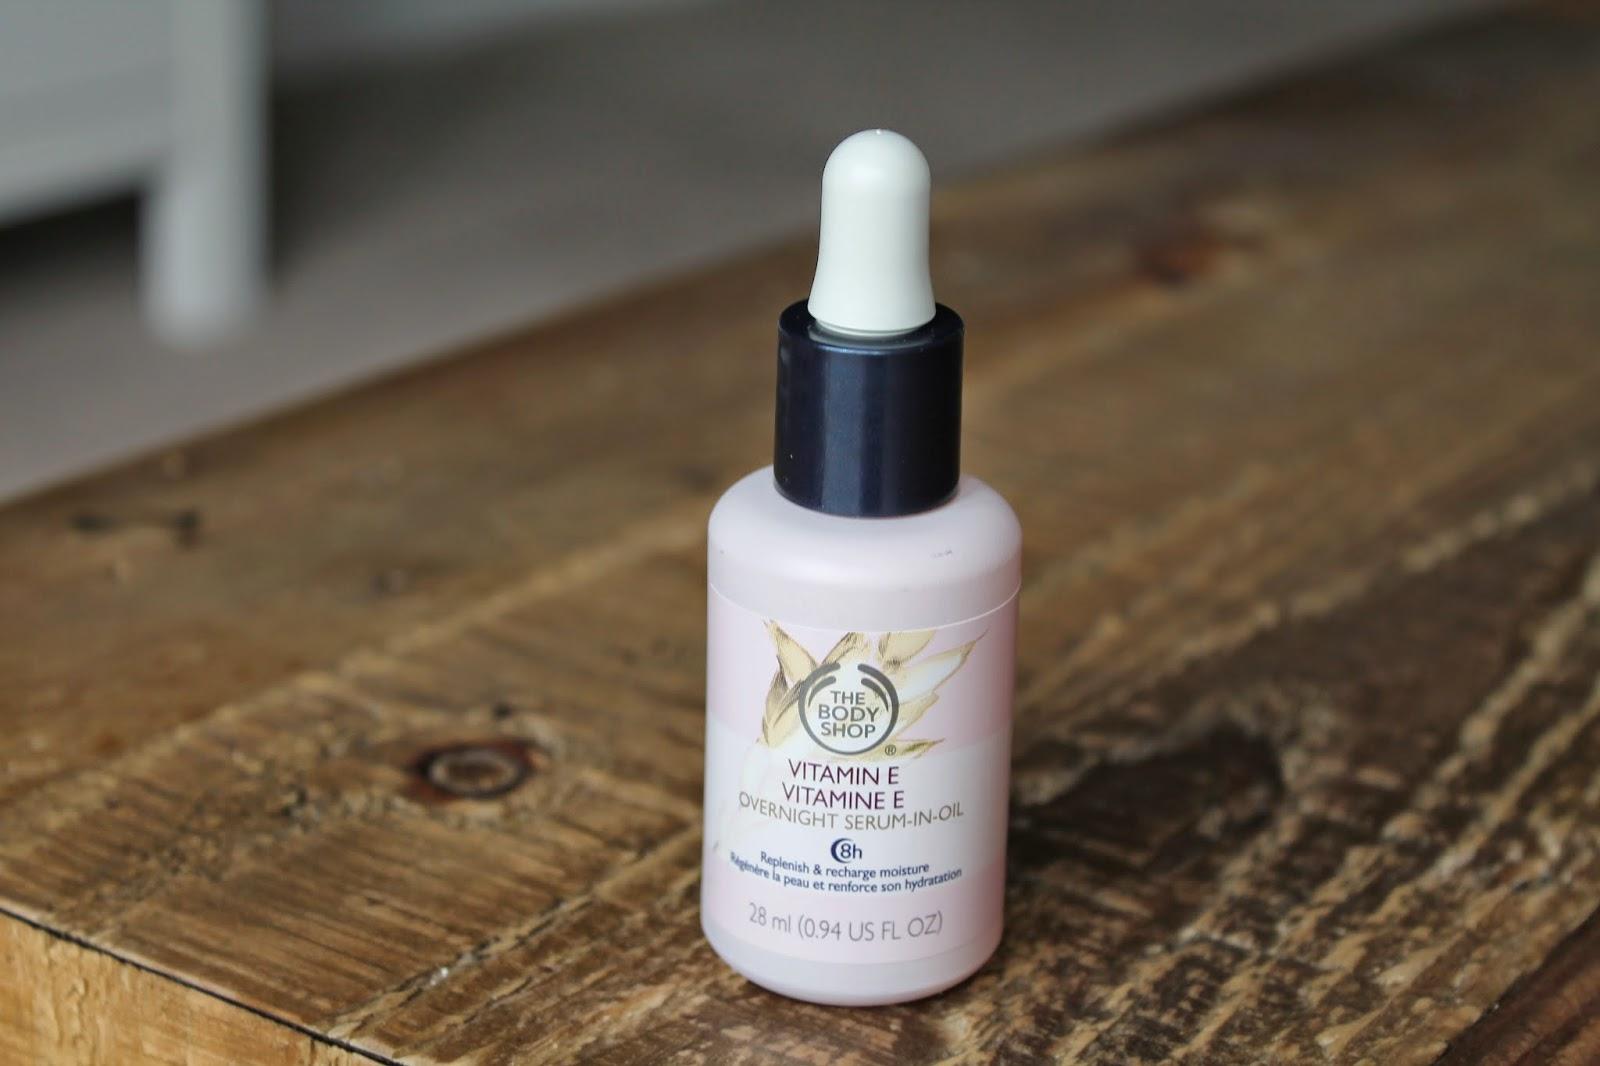 The Body Shop Vitamin E Overnight Serum-in-Oil Review